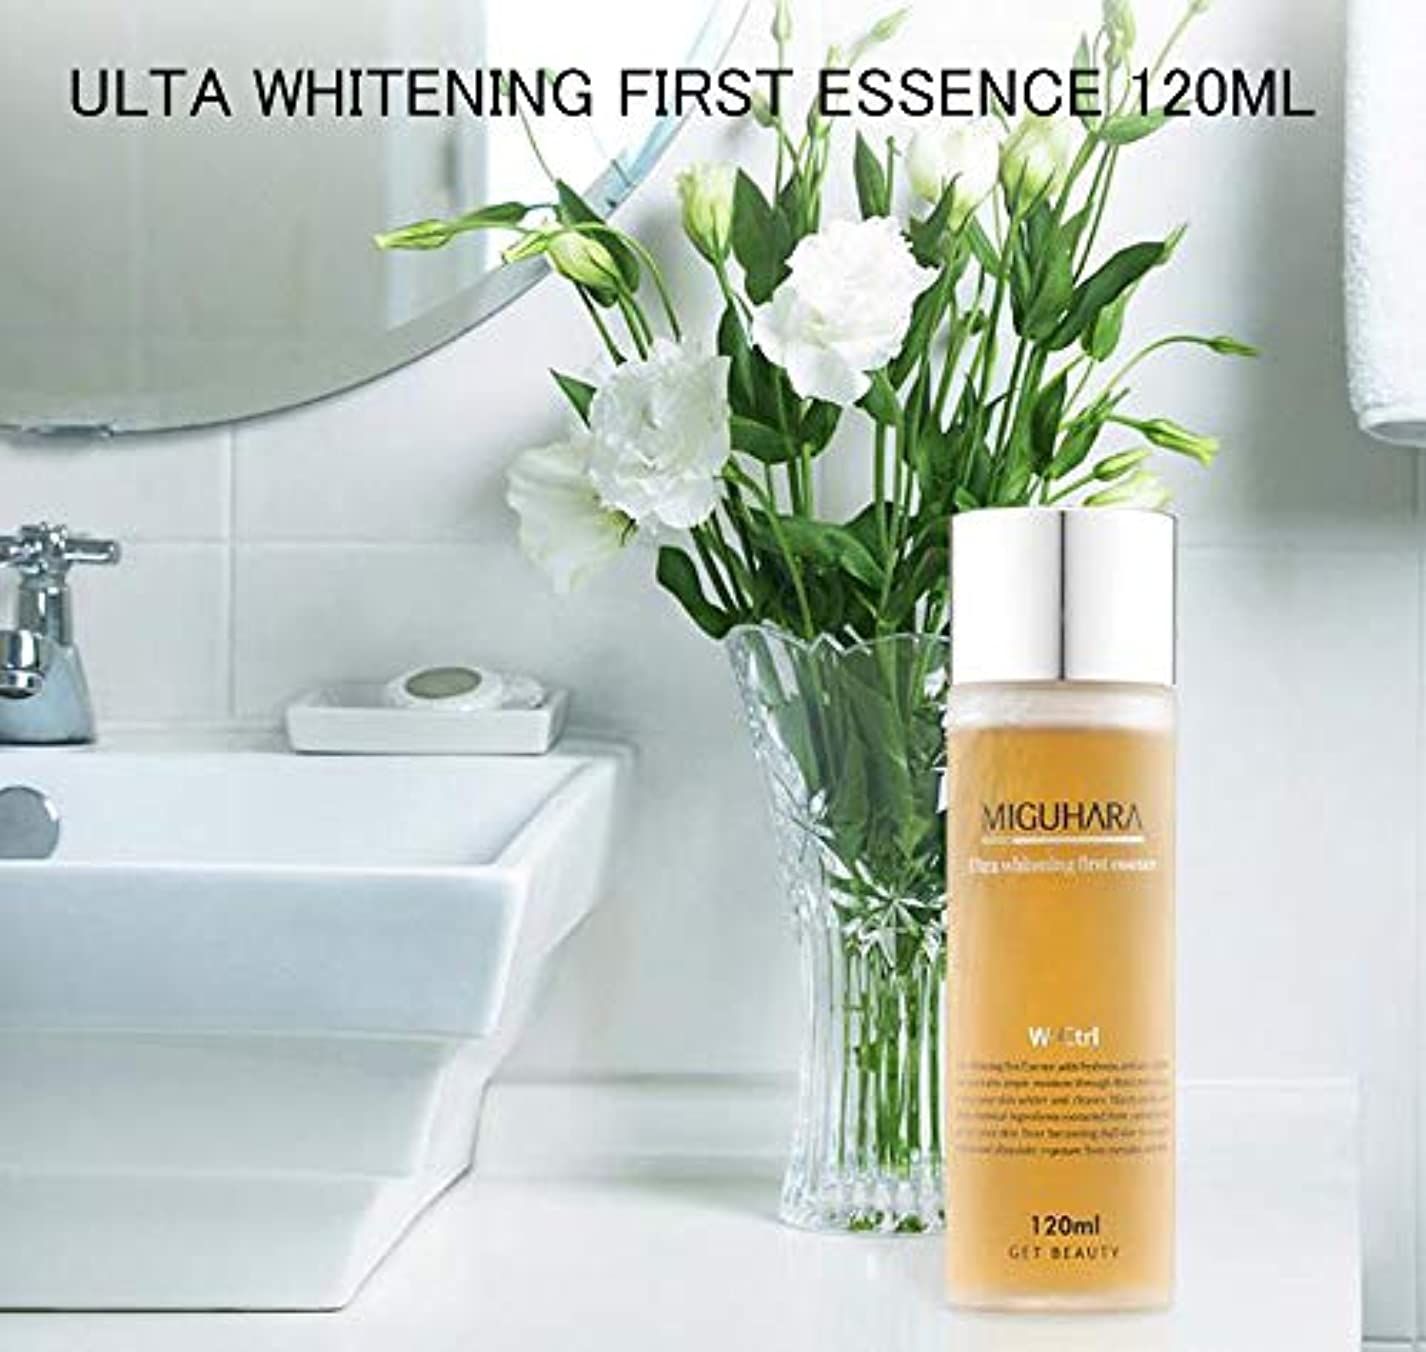 迫害する渇きマーカーMIGUHARA Ultra Whitening First Essence 120ml/ウルトラホワイトニングファーストエッセンス